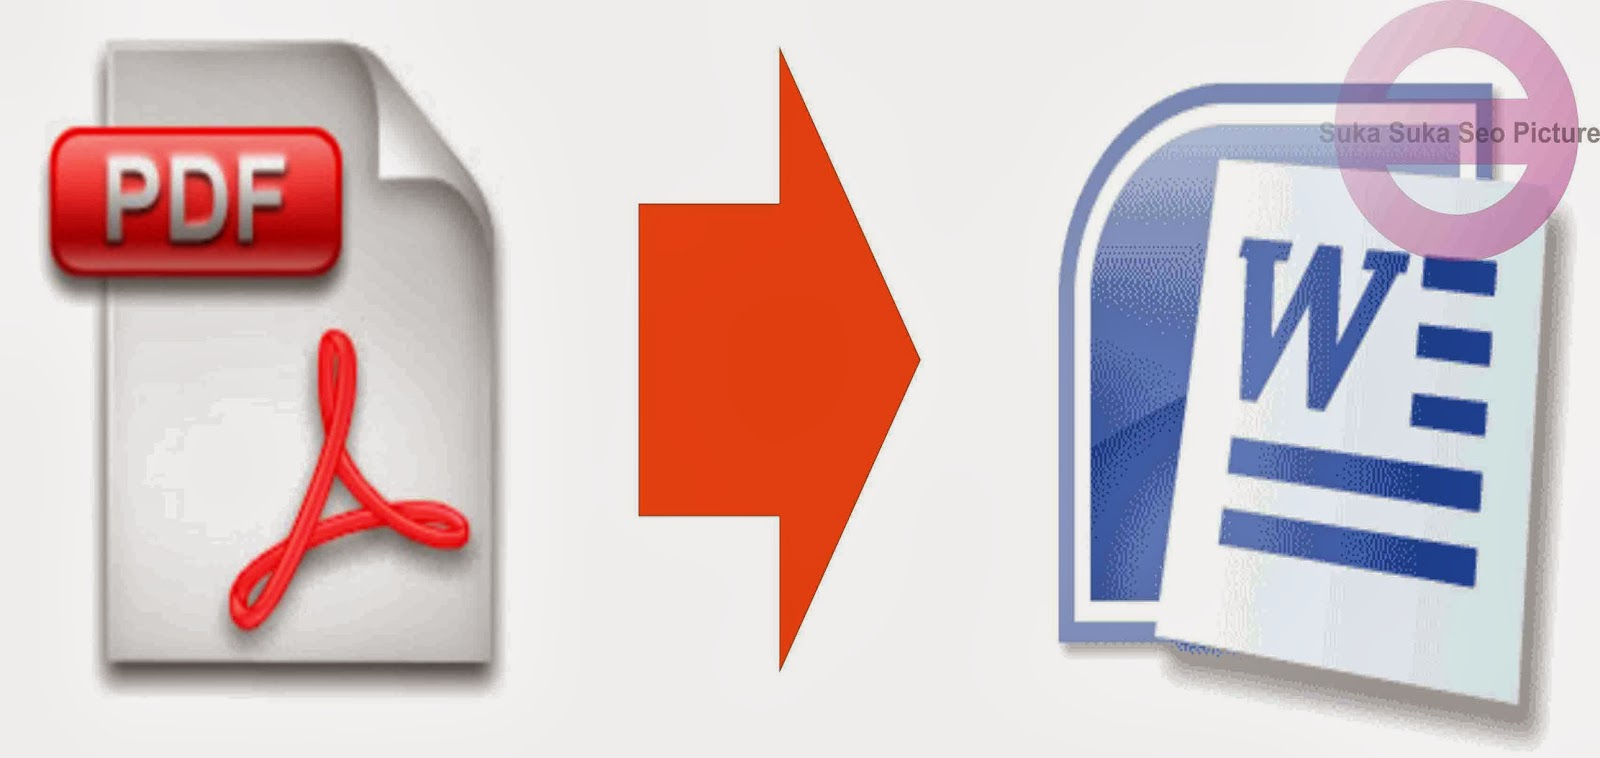 Convert File Pdf menjadi File Word Berformat Docx dengan Mudah